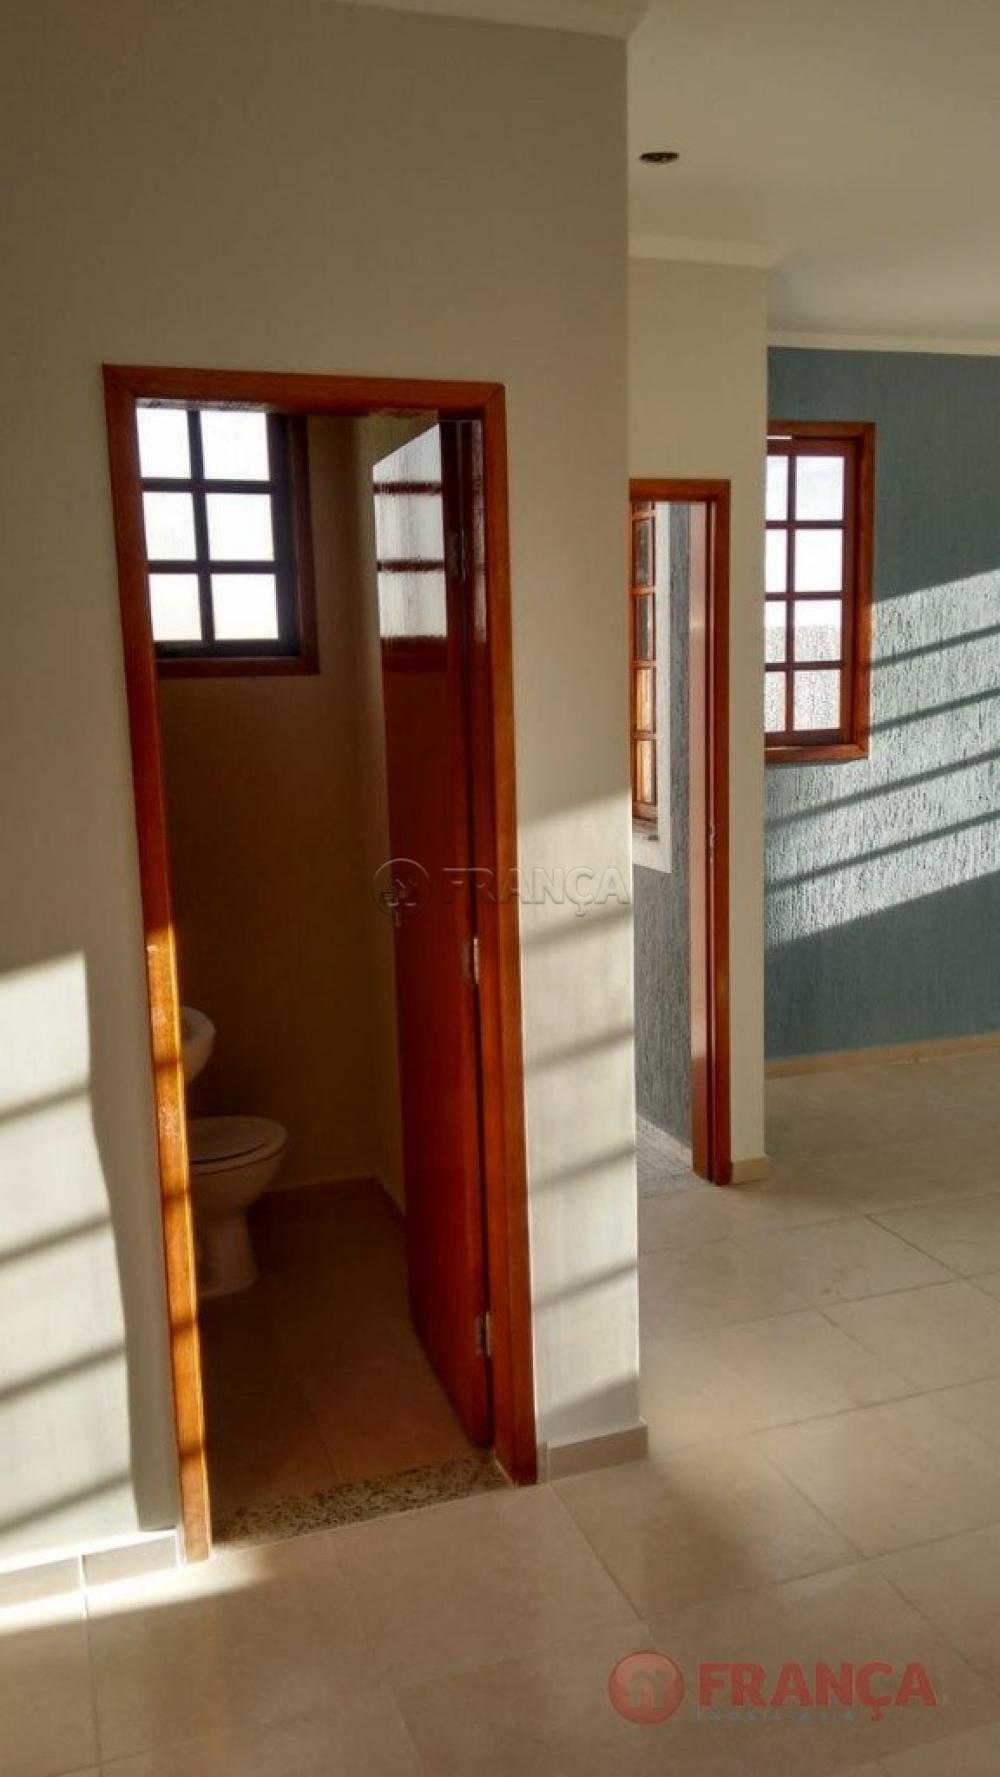 Comprar Casa / Padrão em Jacareí apenas R$ 265.000,00 - Foto 16